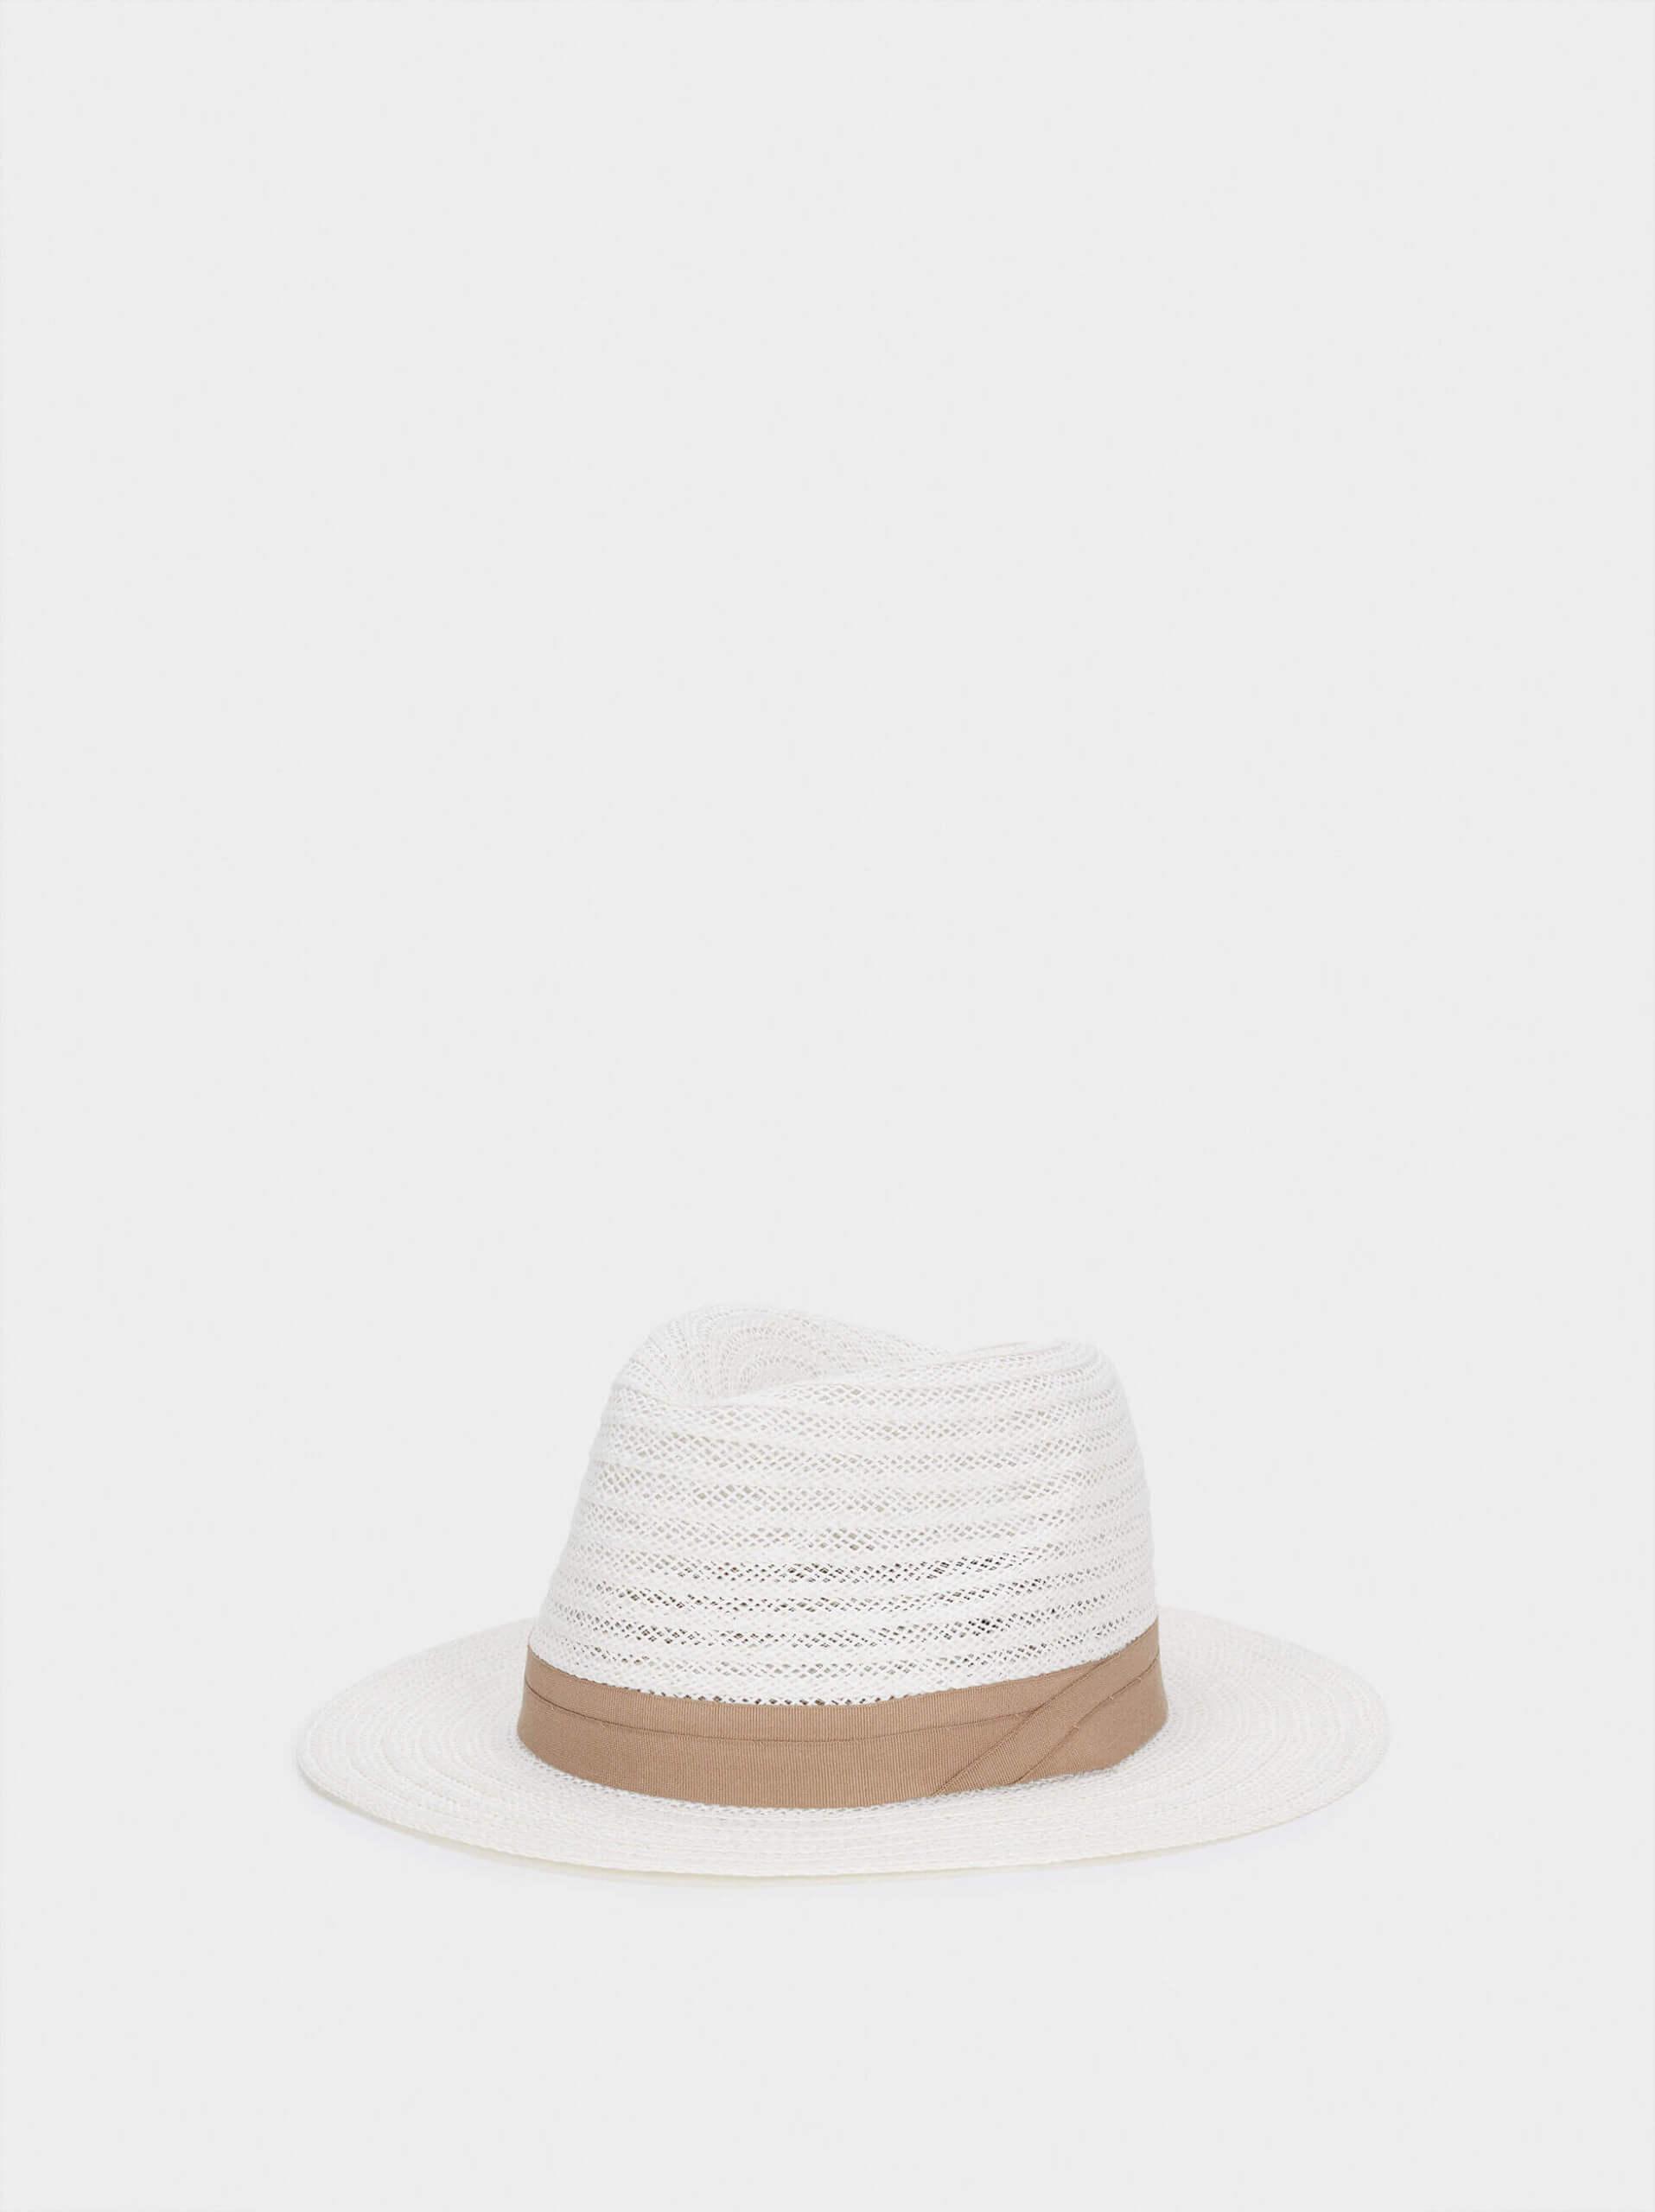 Chapéu com textura de ráfia da parfois